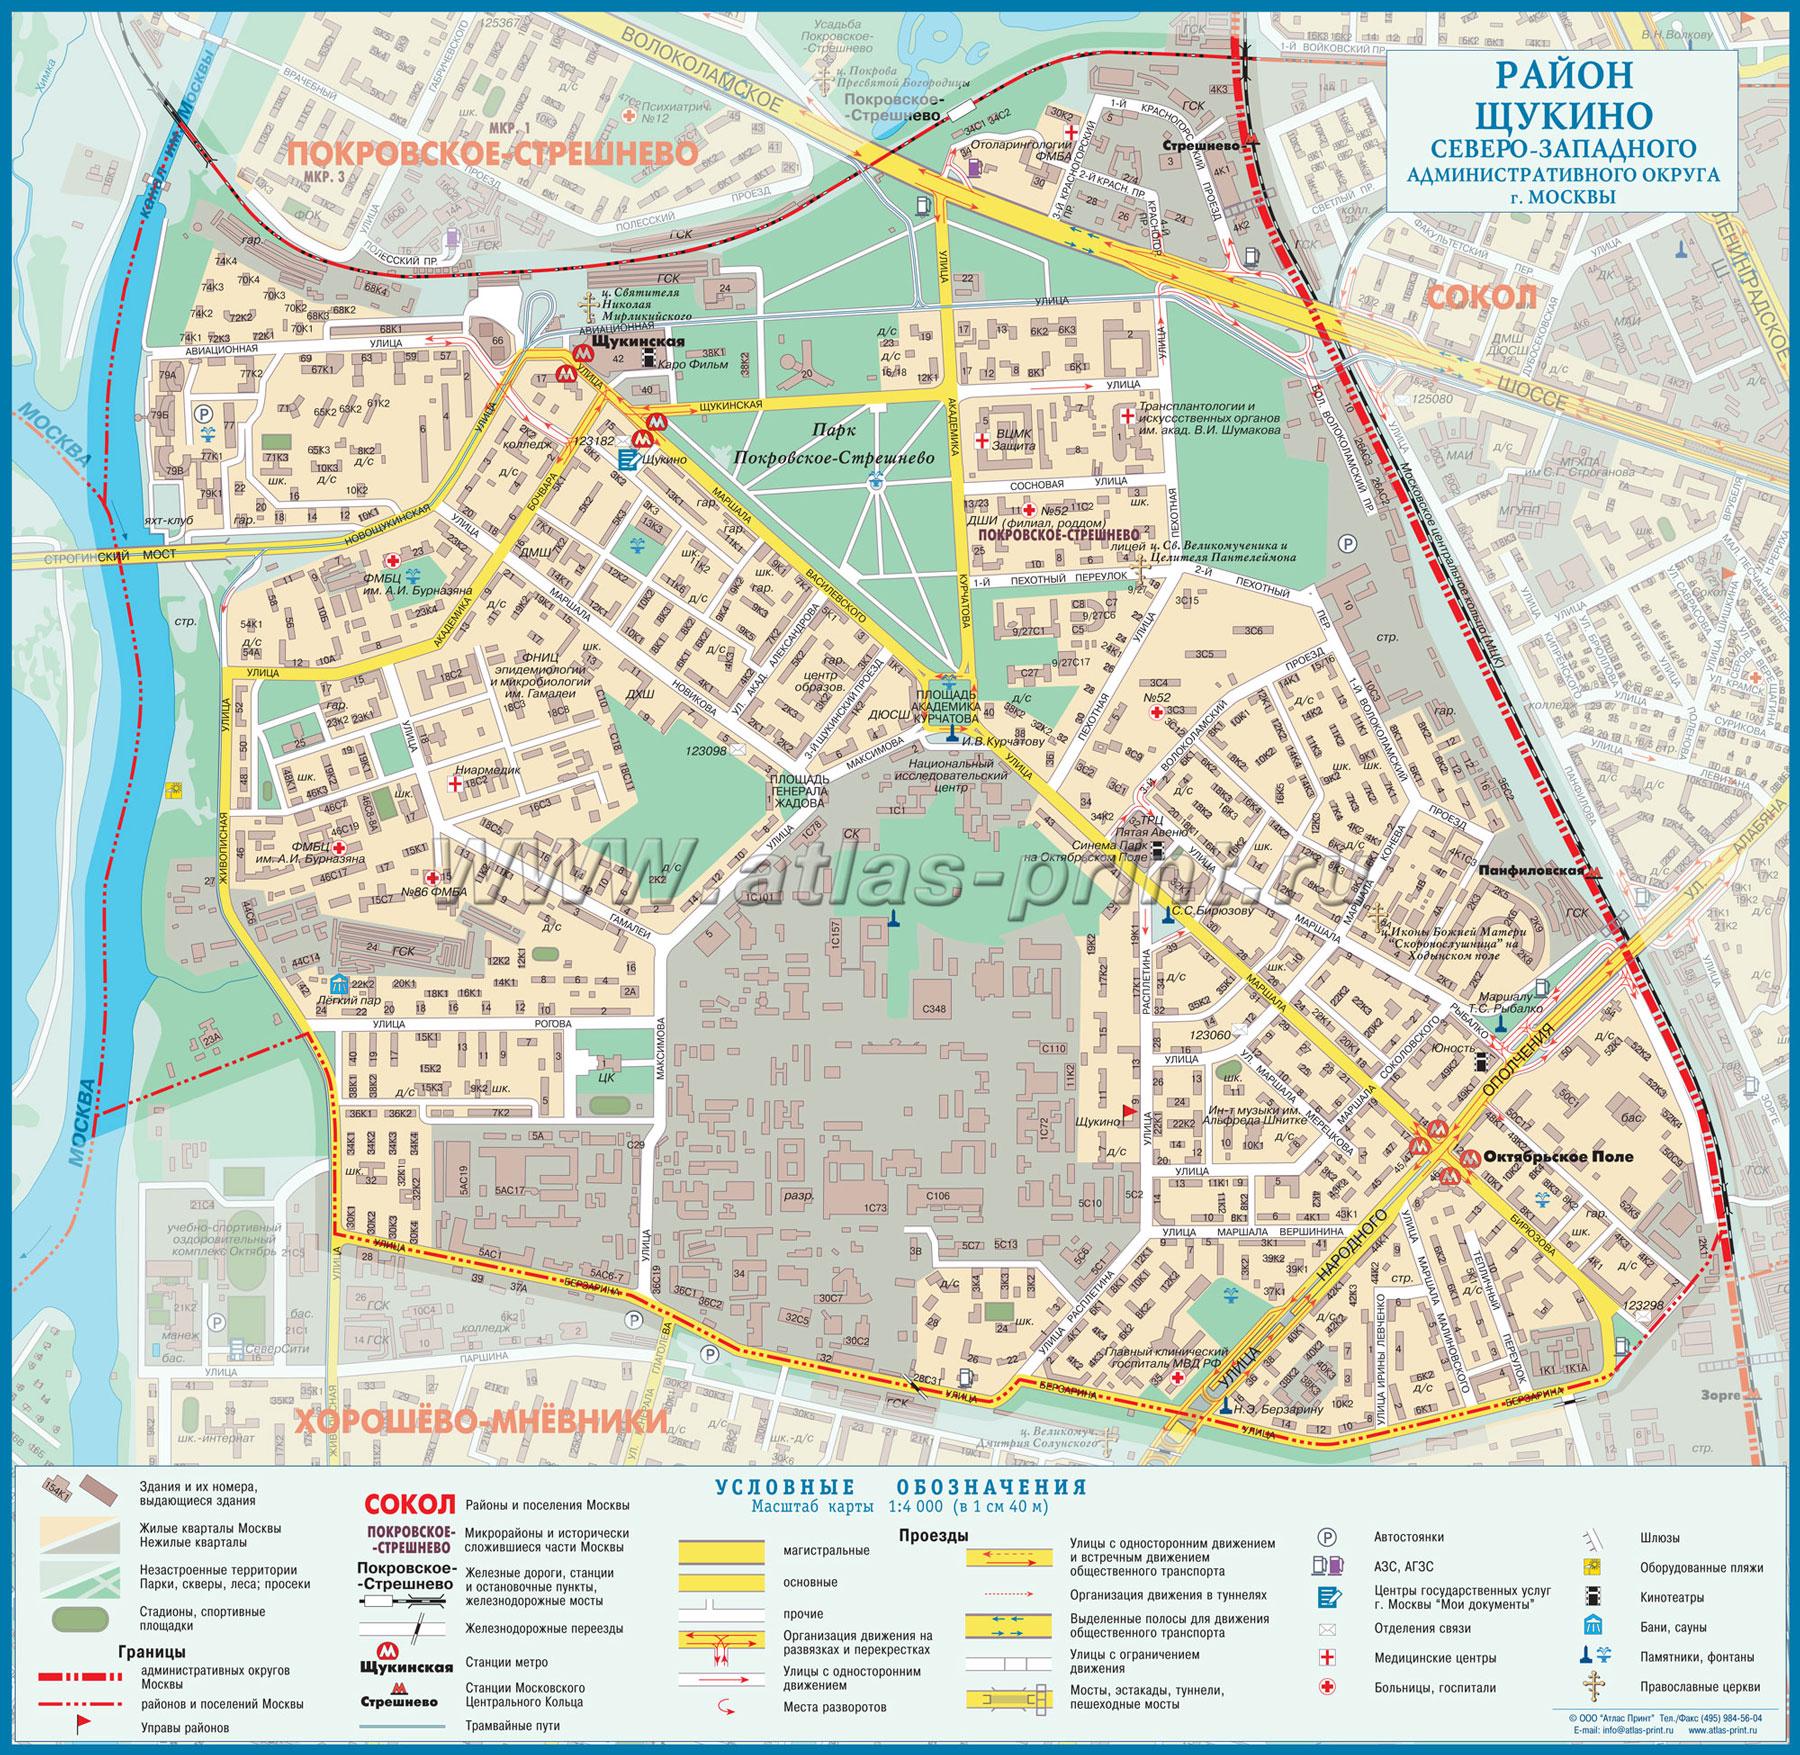 Настенная карта района Щукино г.Москвы 1,00*0,98 м, ламинированная